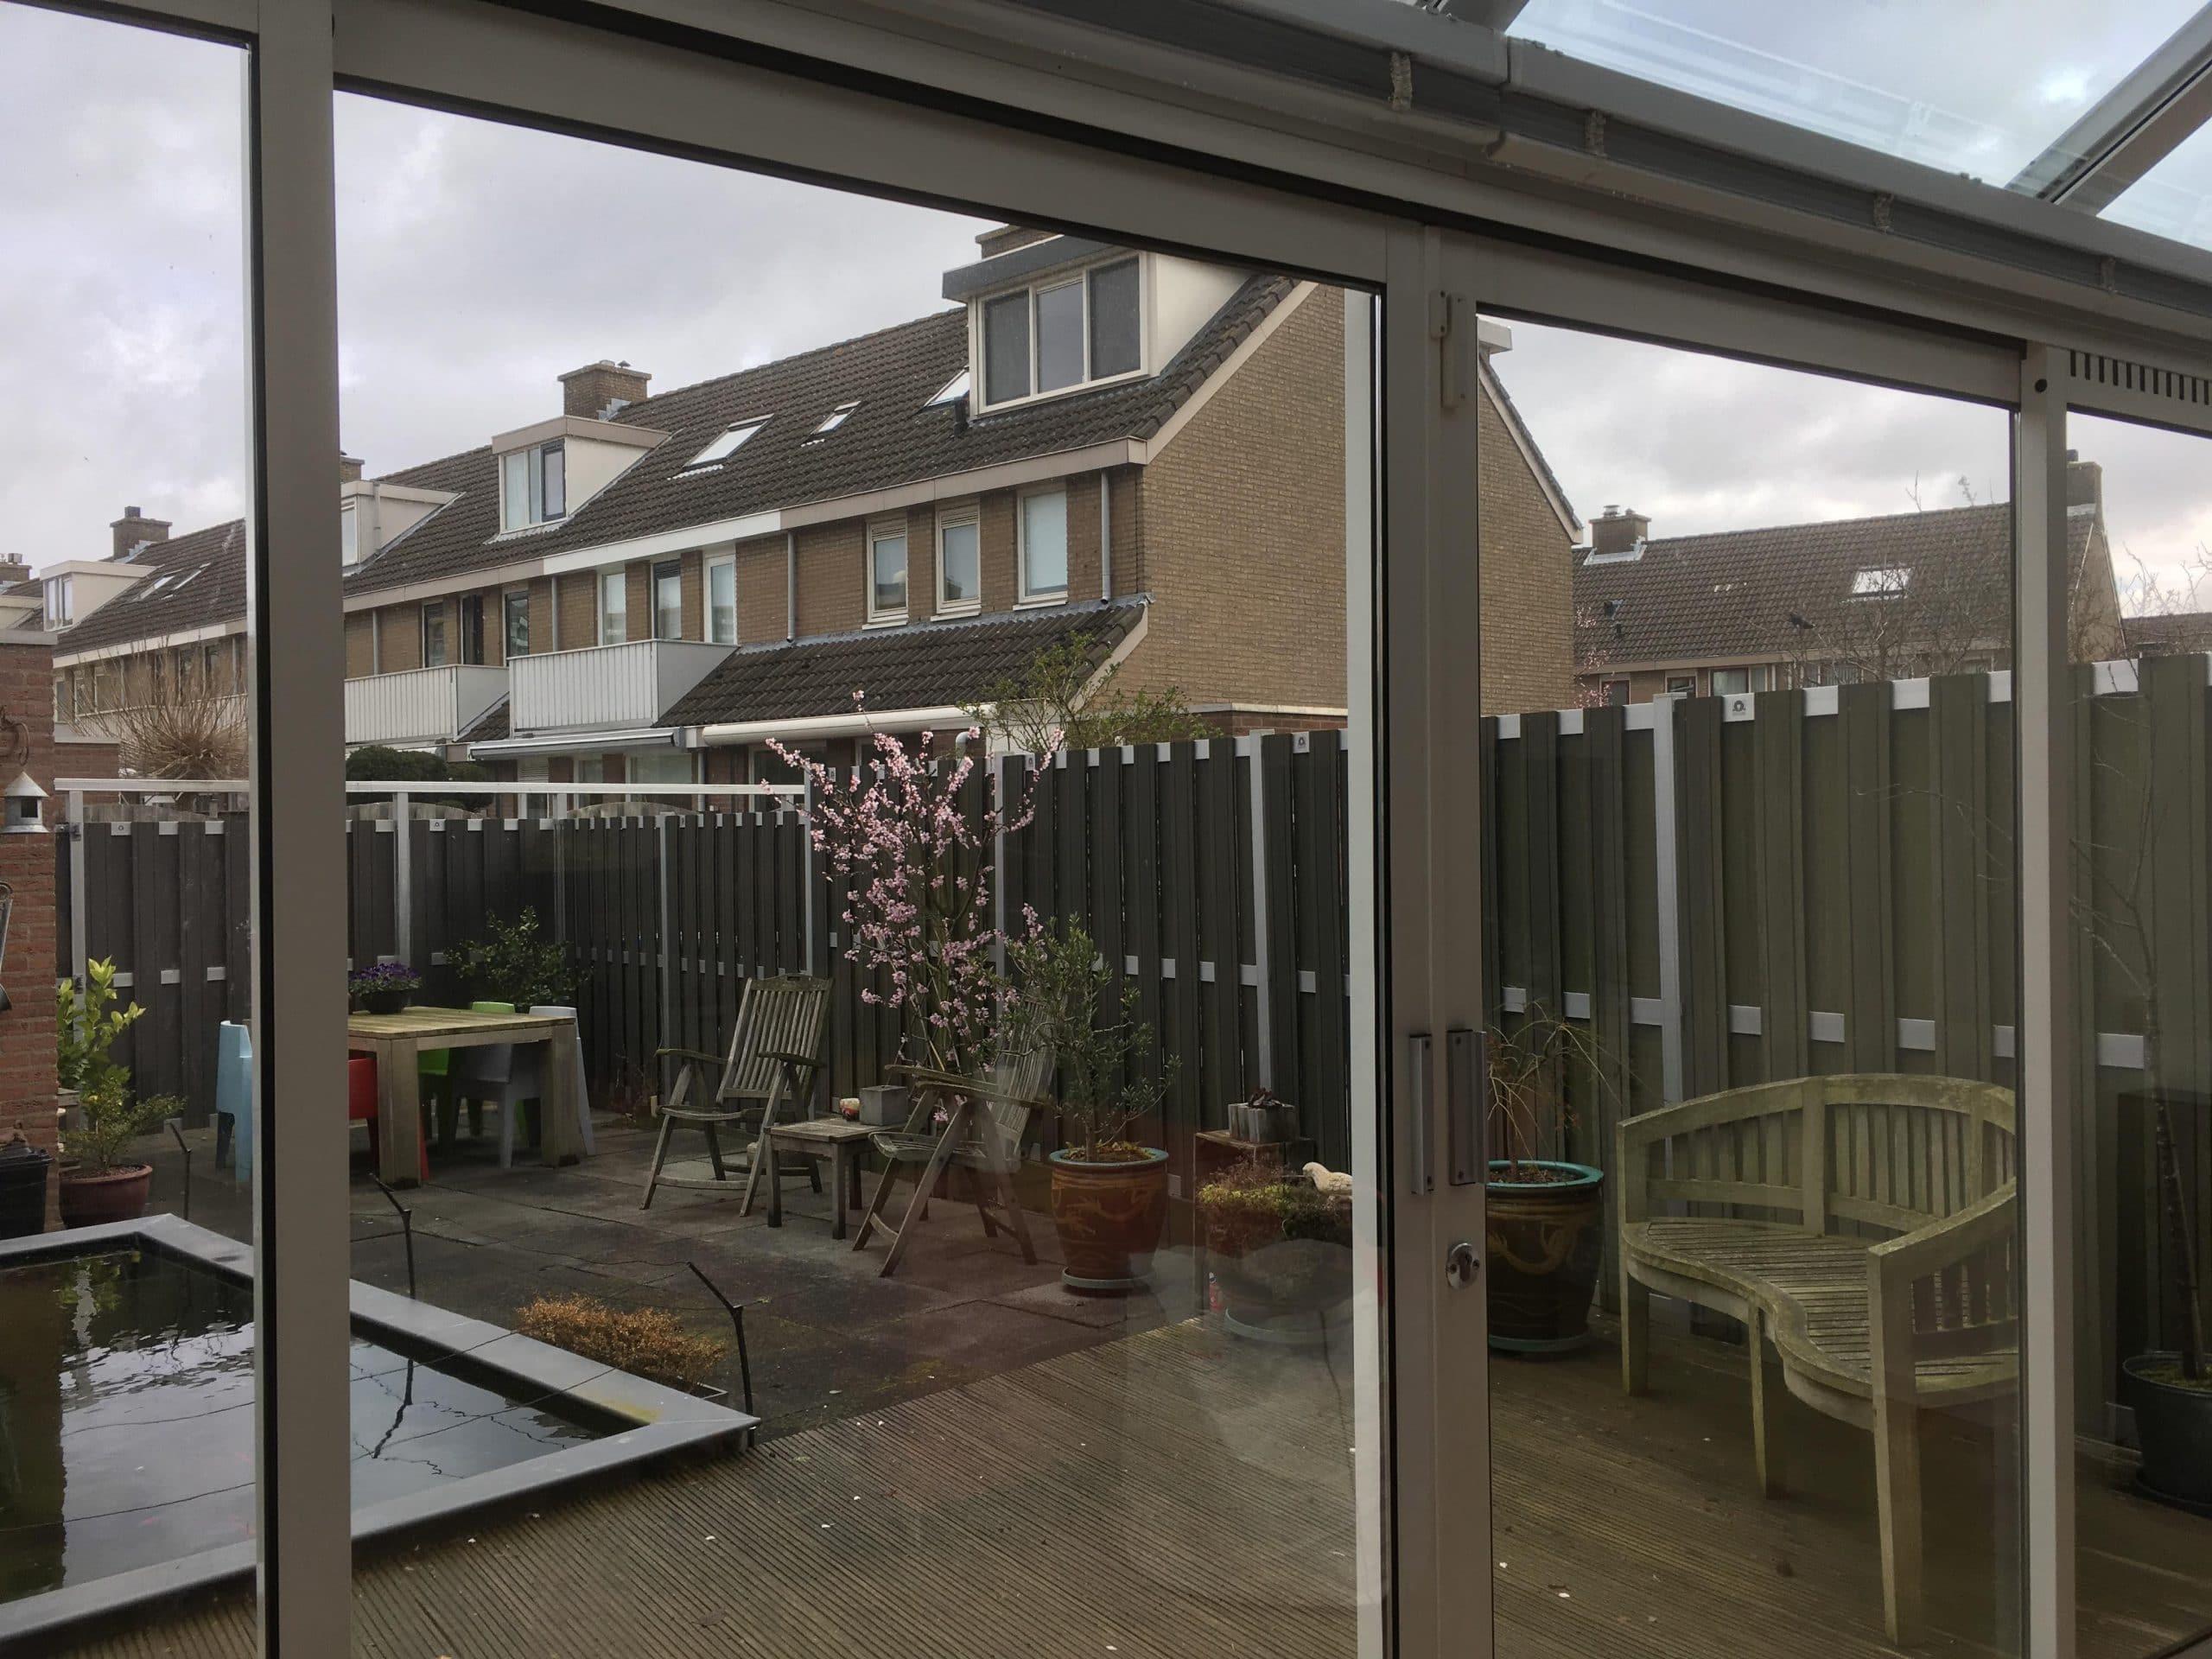 Clearview 60 gemonteerd op verticale beglazing in particulier woonhuis